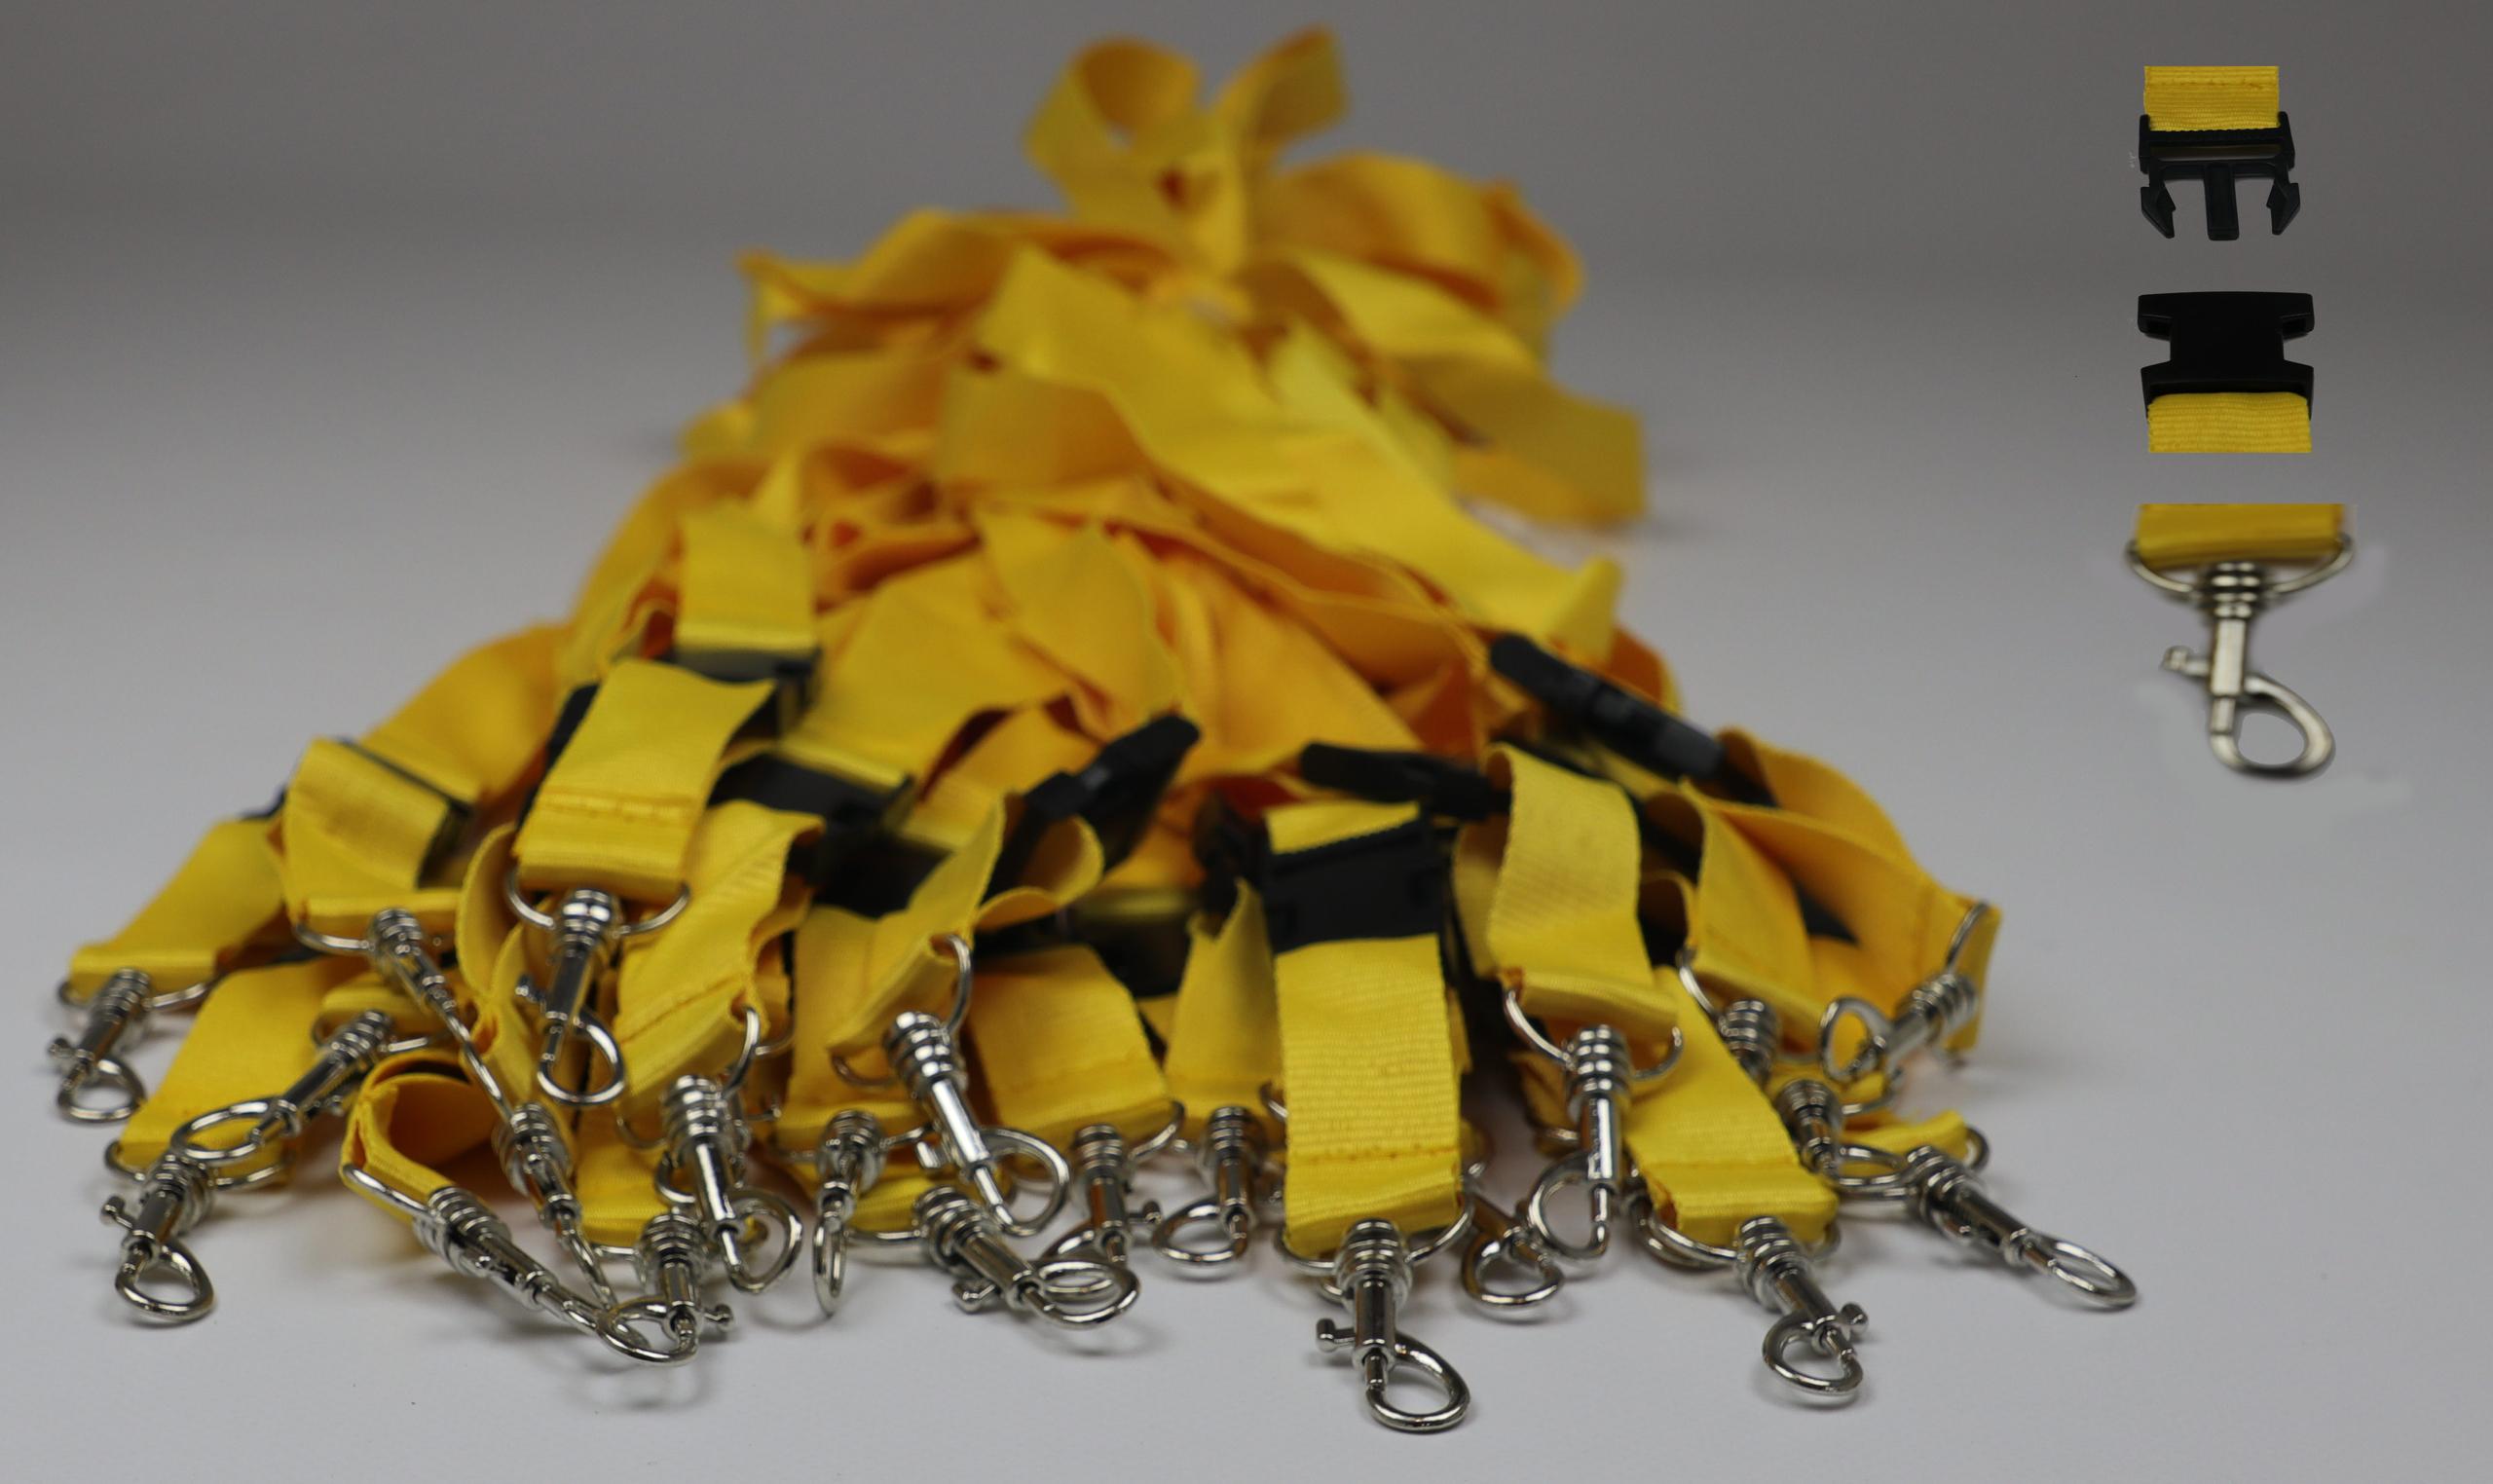 25x Schlüsselbänder gelb Schlüsselanhänger teilbar 55cm mit Haken